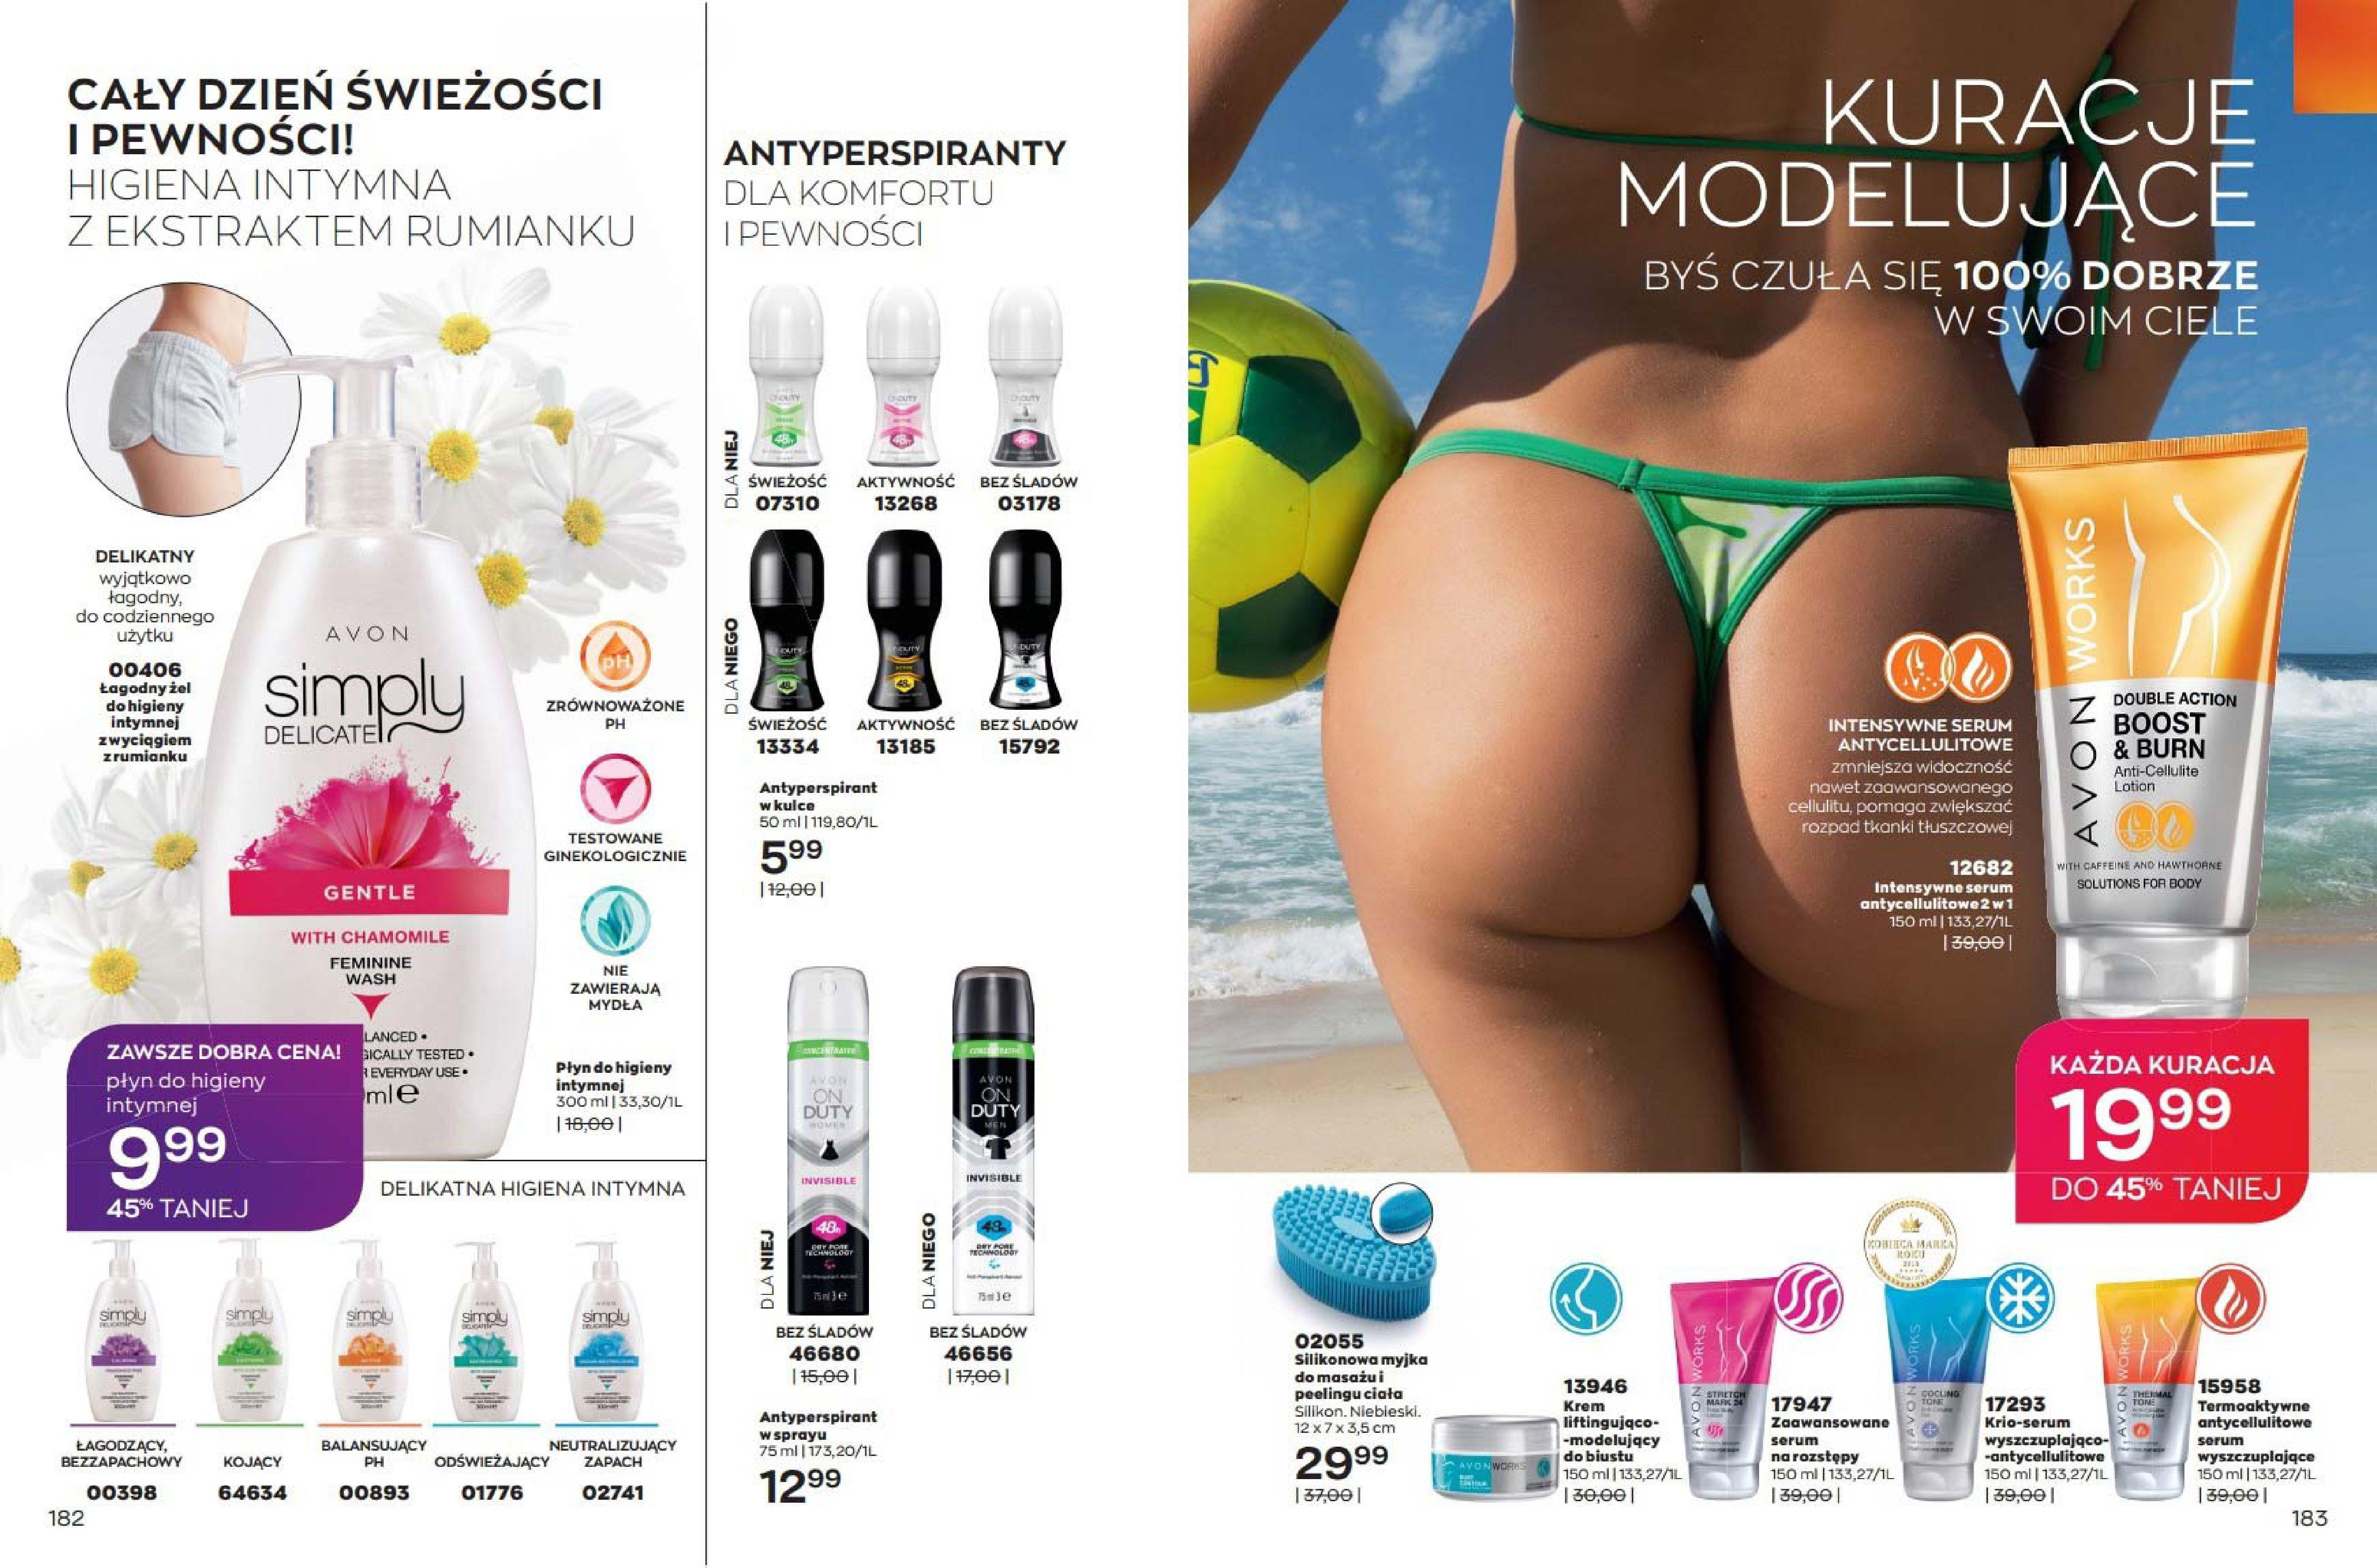 Gazetka Avon: Katalog Avon - Lipiec 2021 2021-07-01 page-92